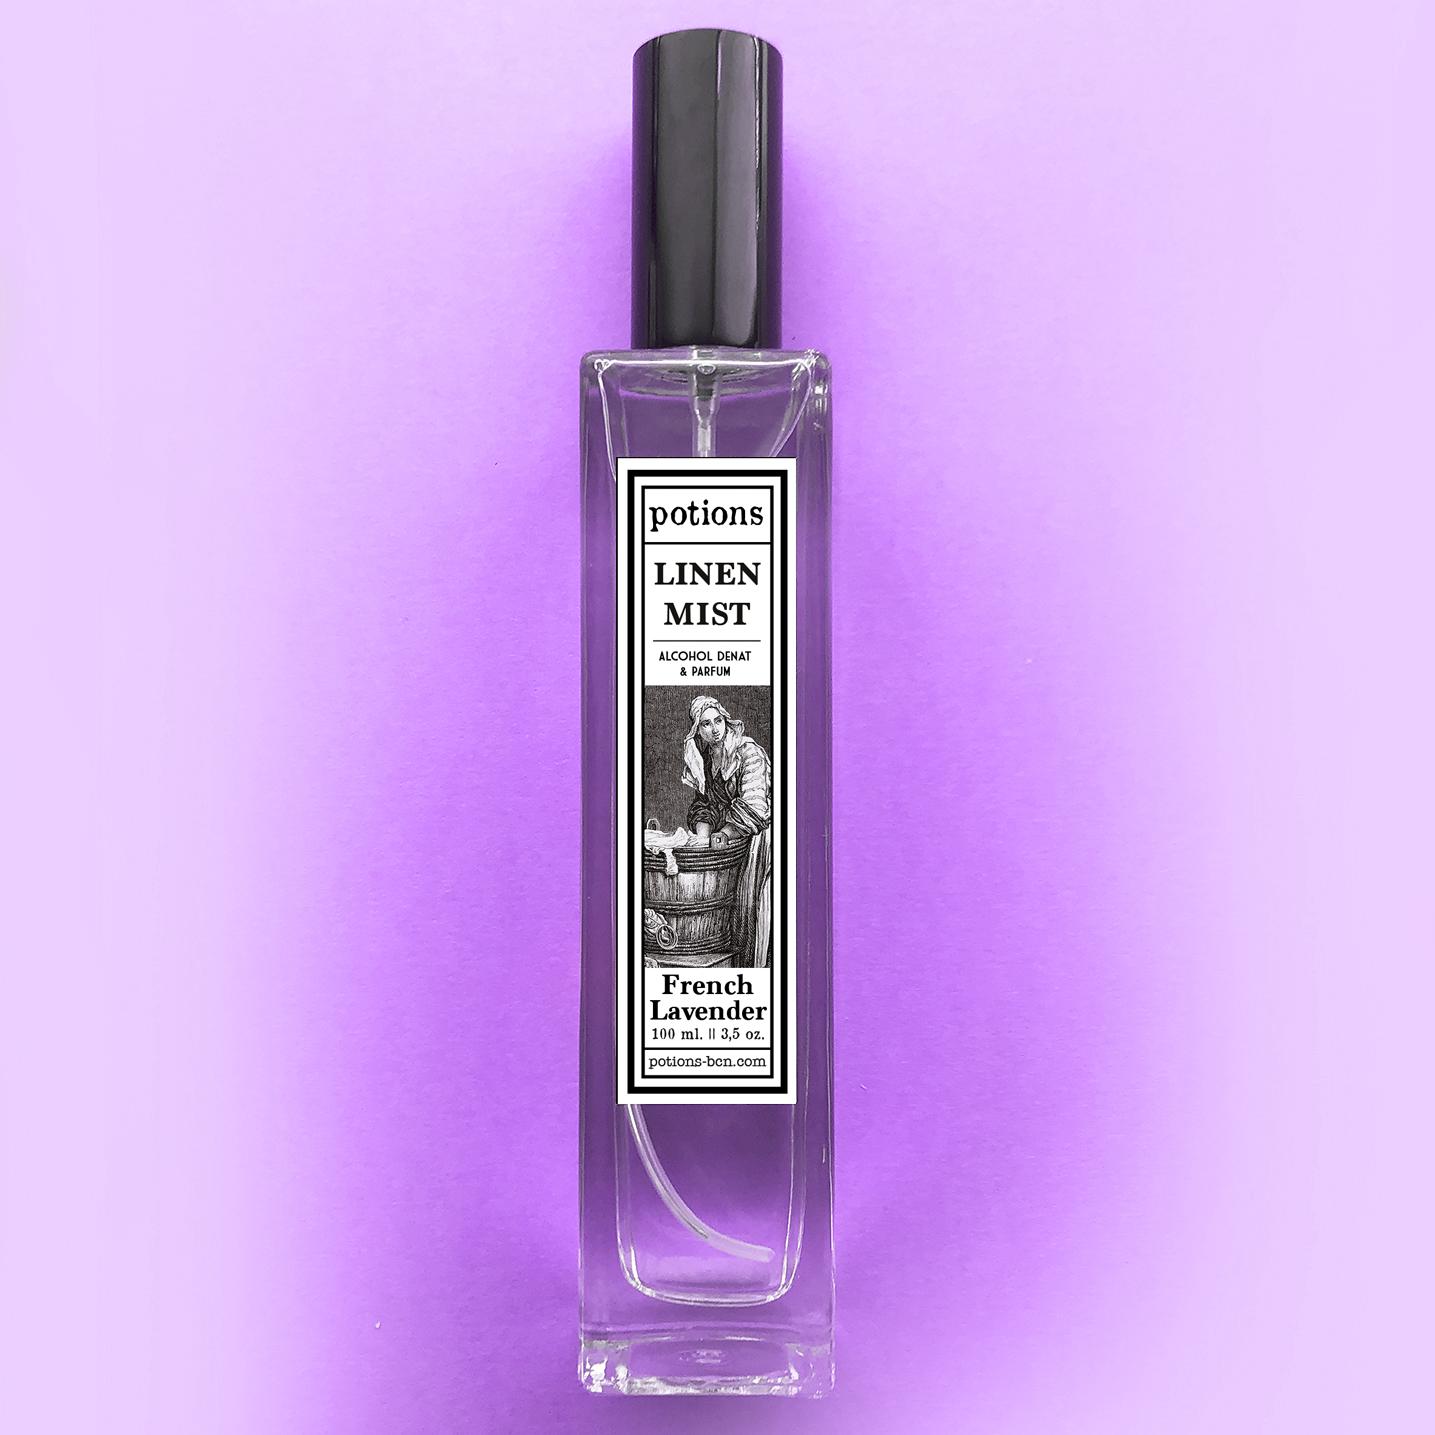 Bruma textil French Lavender de Potions BCN